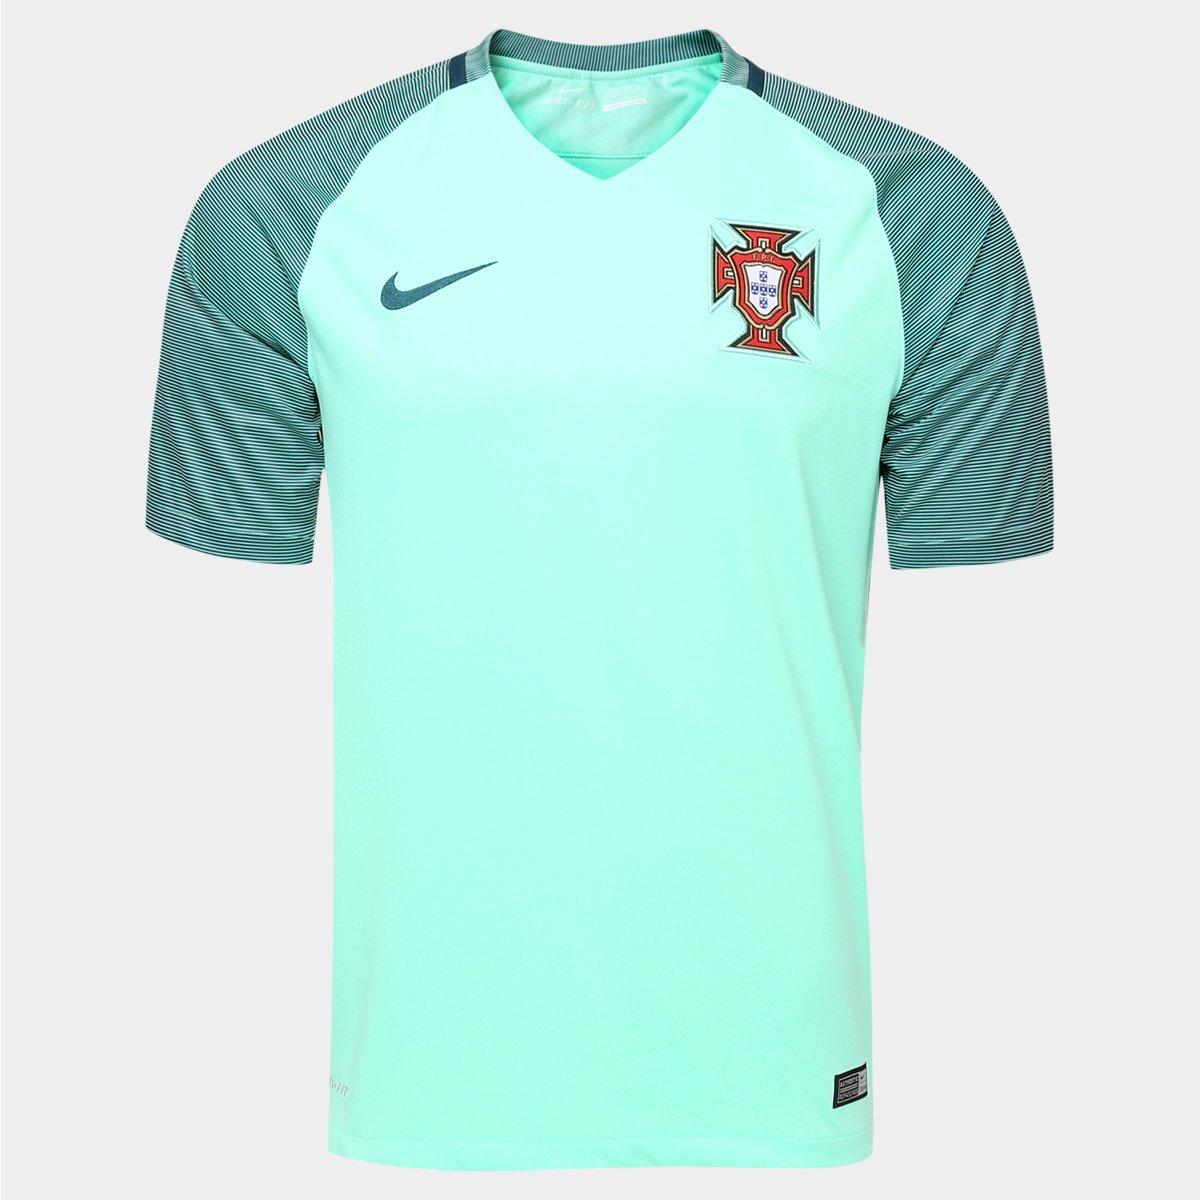 Camisa Nike Seleção Portugal Away 2016 s nº - Compre Agora  a8b4196273247